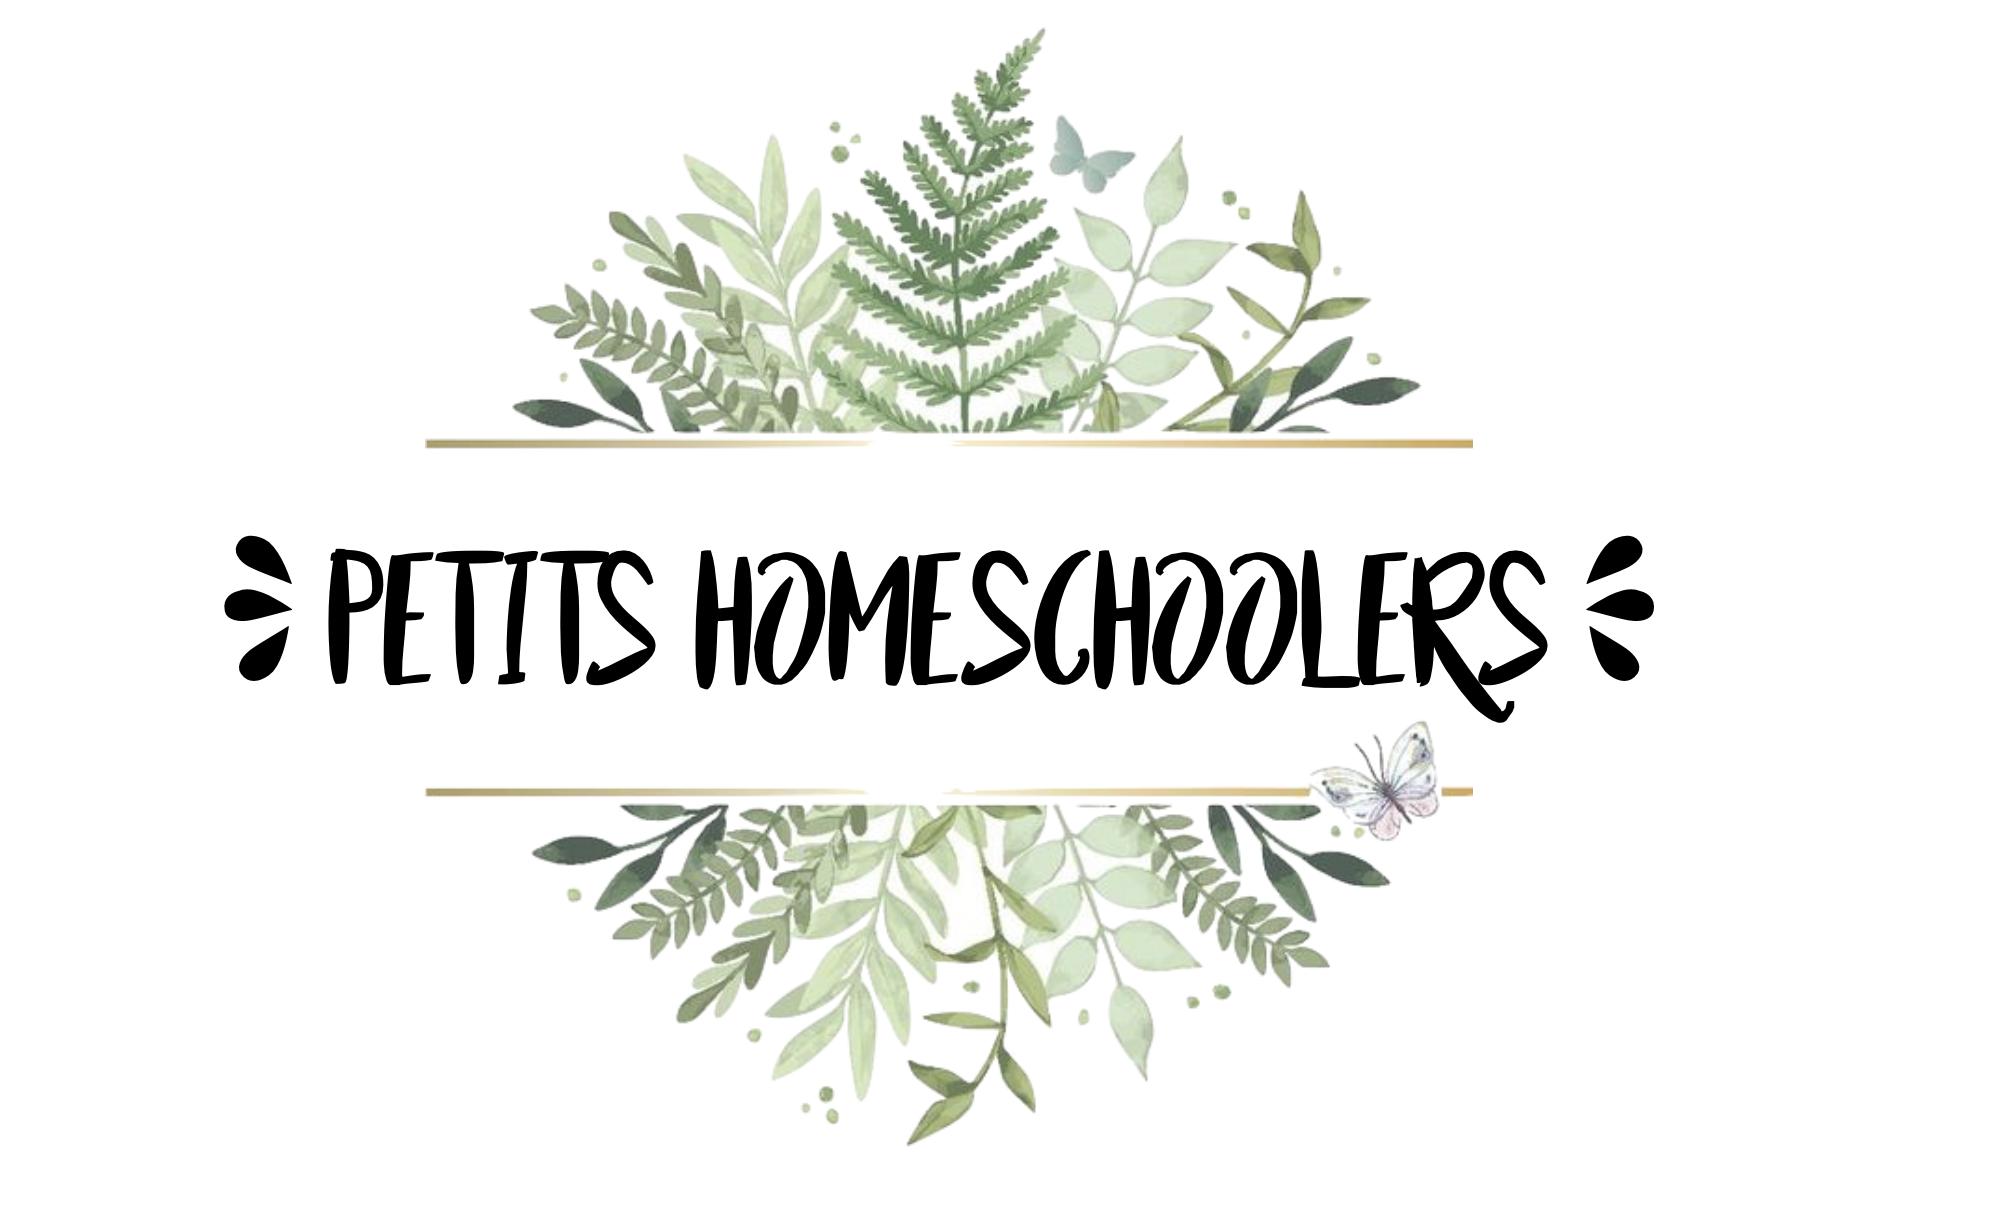 PETITS HOMESCHOOLERS